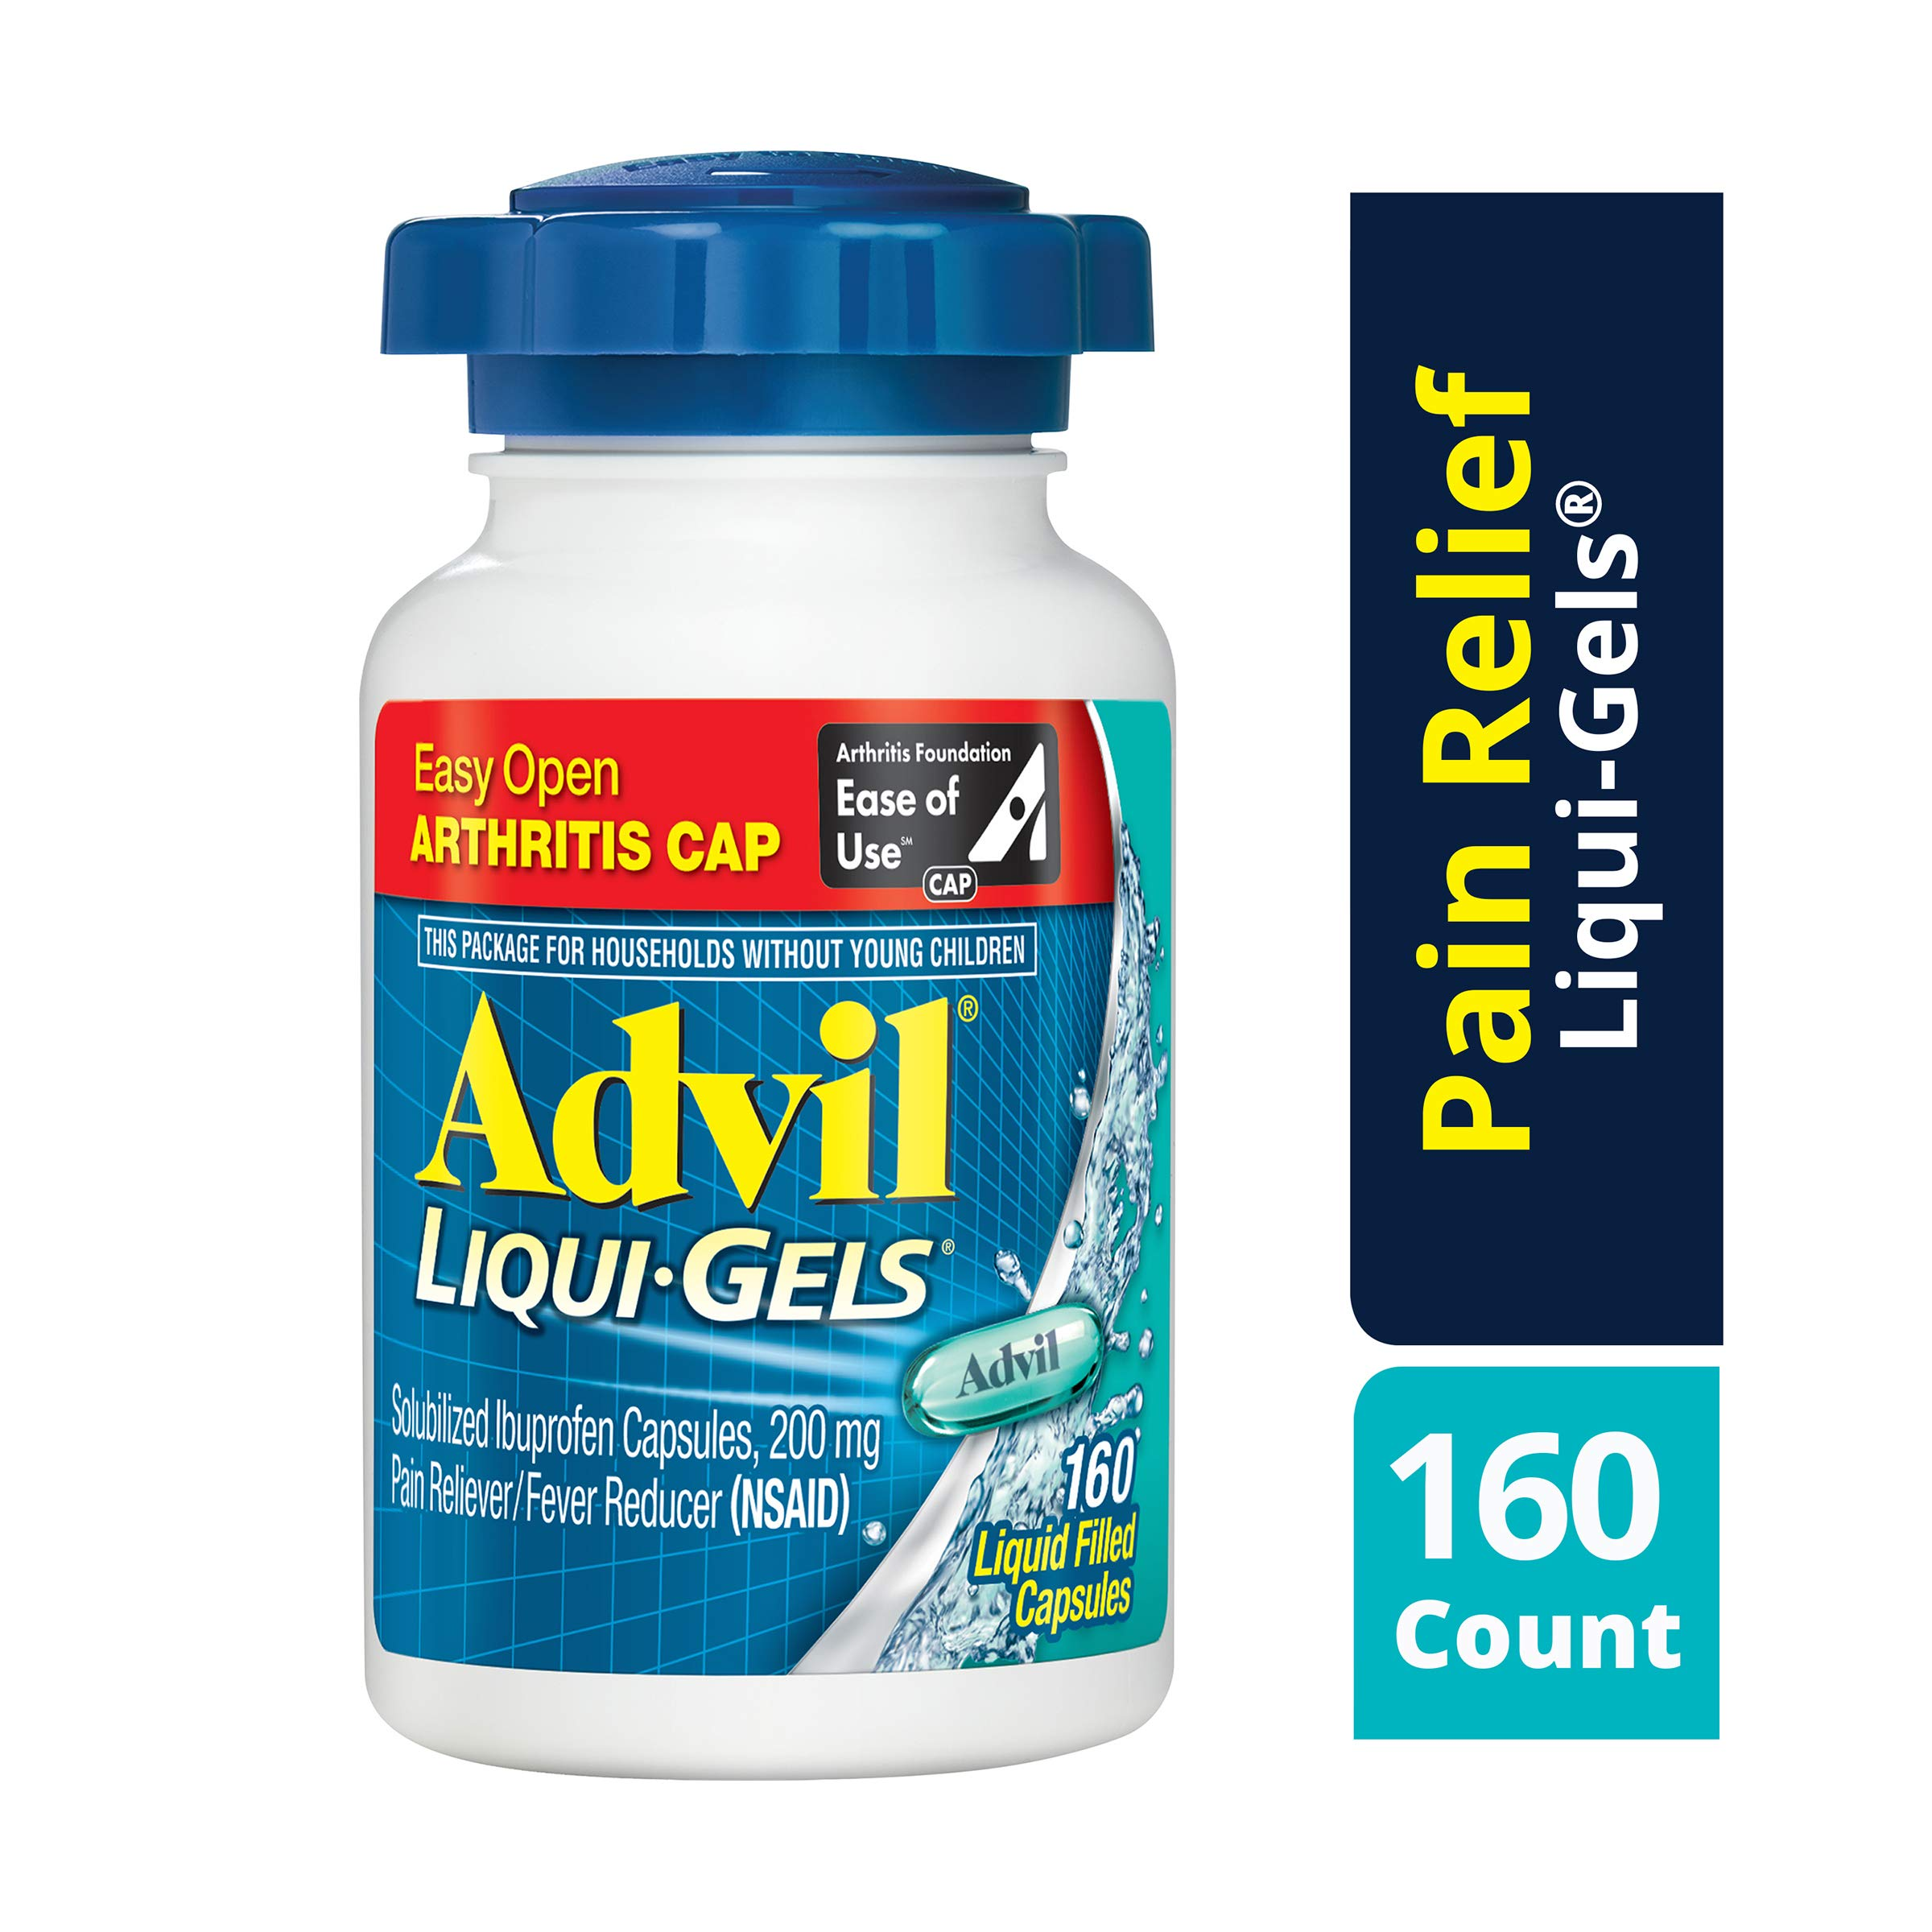 Advil Liqui-Gels (160 Count) Easy Open Arthritis Cap Pain Reliever/Fever Reducer Liquid Filled Capsule, 200mg Ibuprofen, Temporary Pain Relief